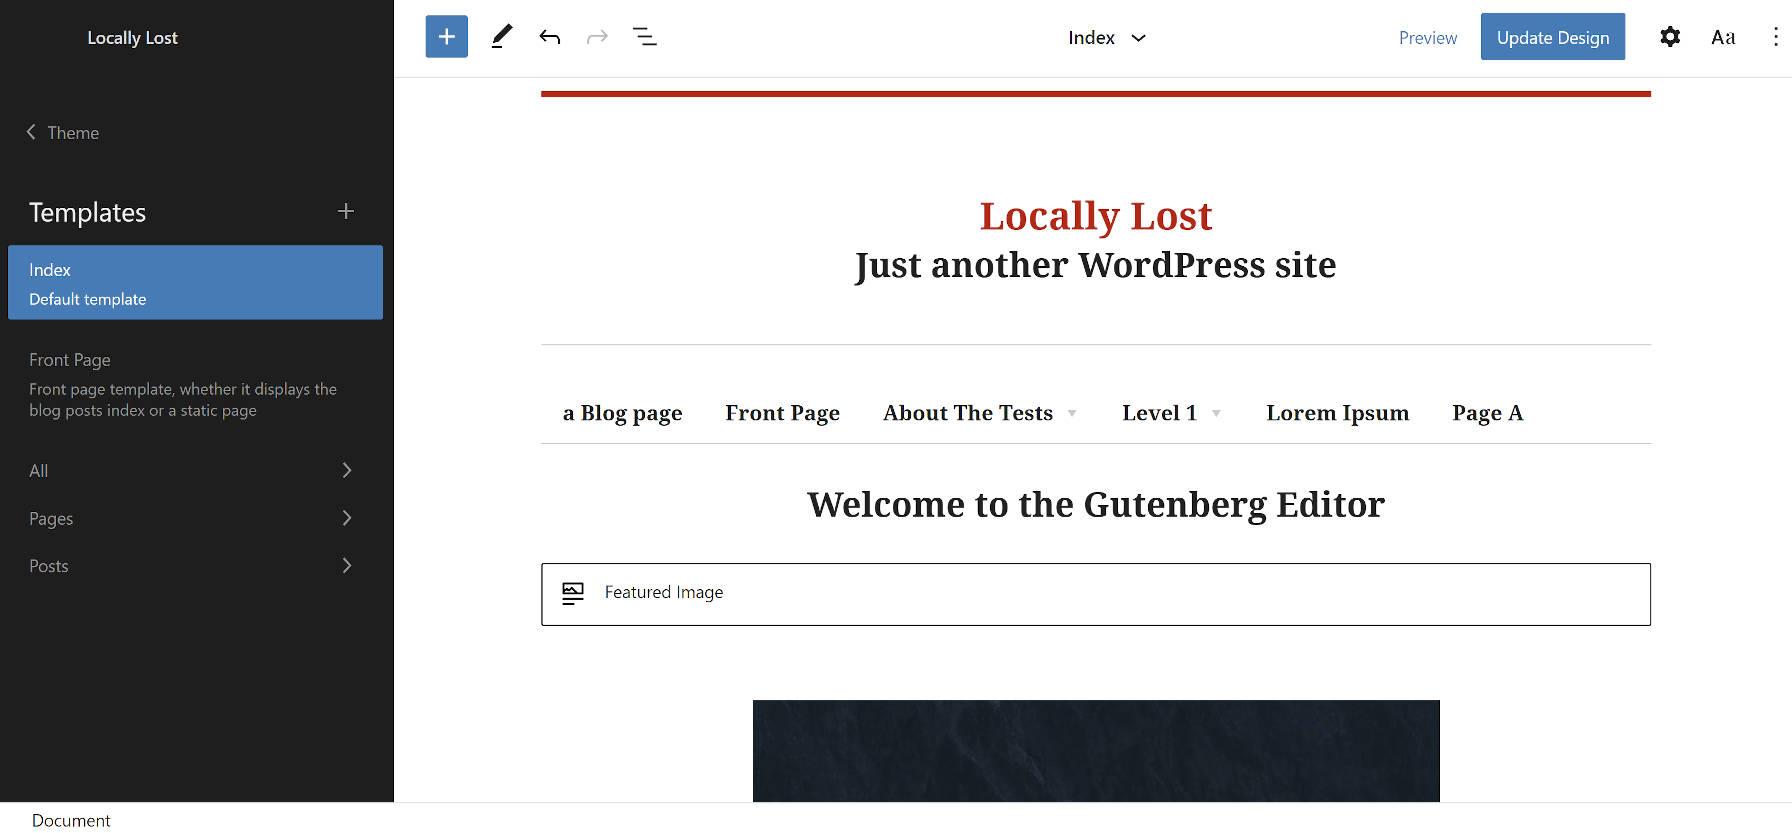 什么是完整站点编辑以及wordpress-1的未来含义是什么?什么是完整站点编辑?这对WordPress的未来意味着什么?